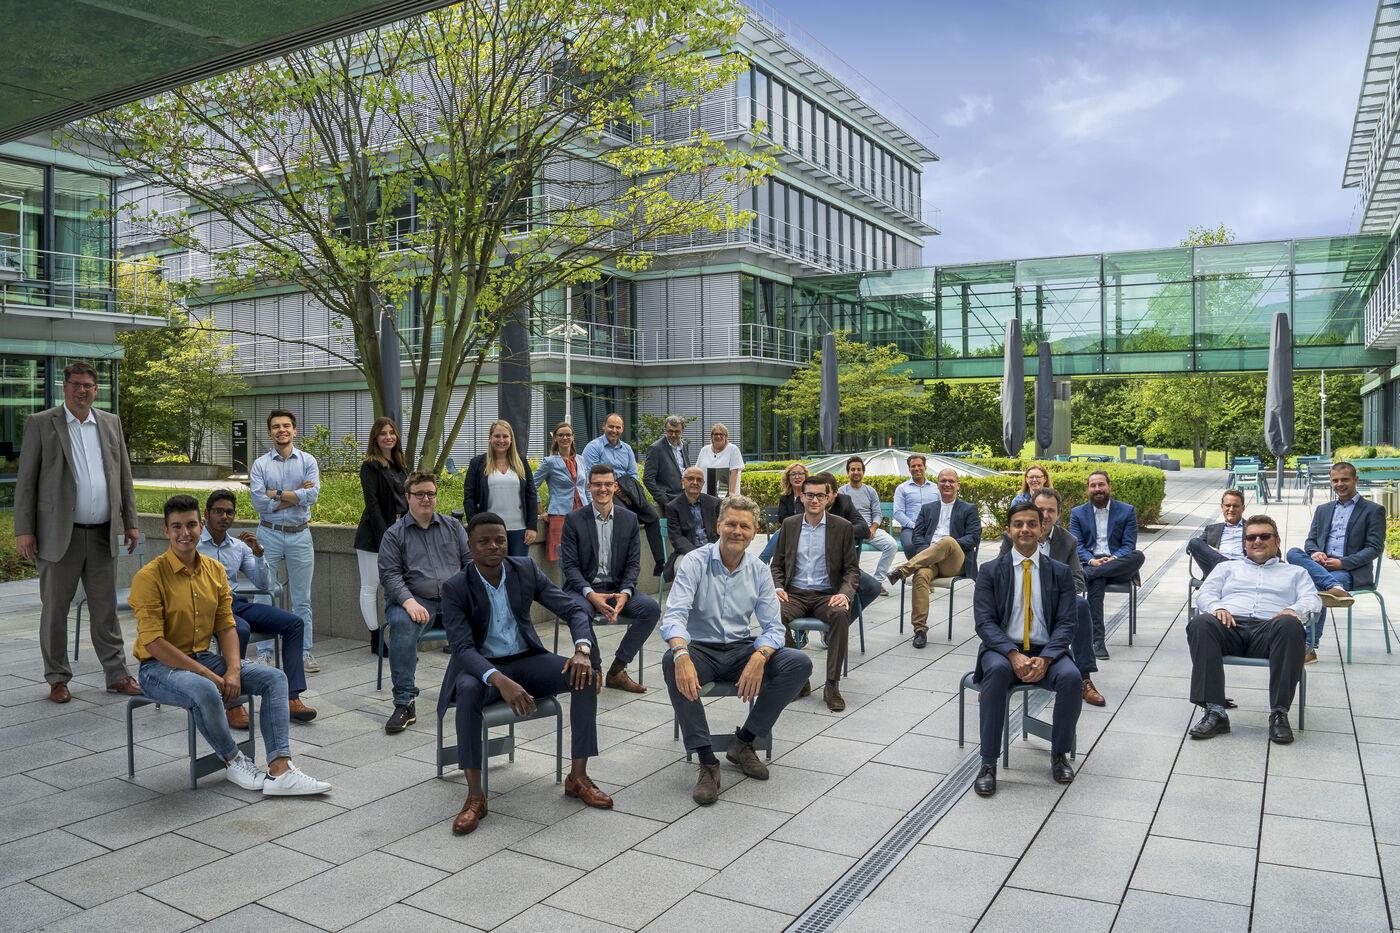 Medientechniker Fachrichtung Videokonferenz - Job Stuttgart - Karriere -MVC GmbH - Application form